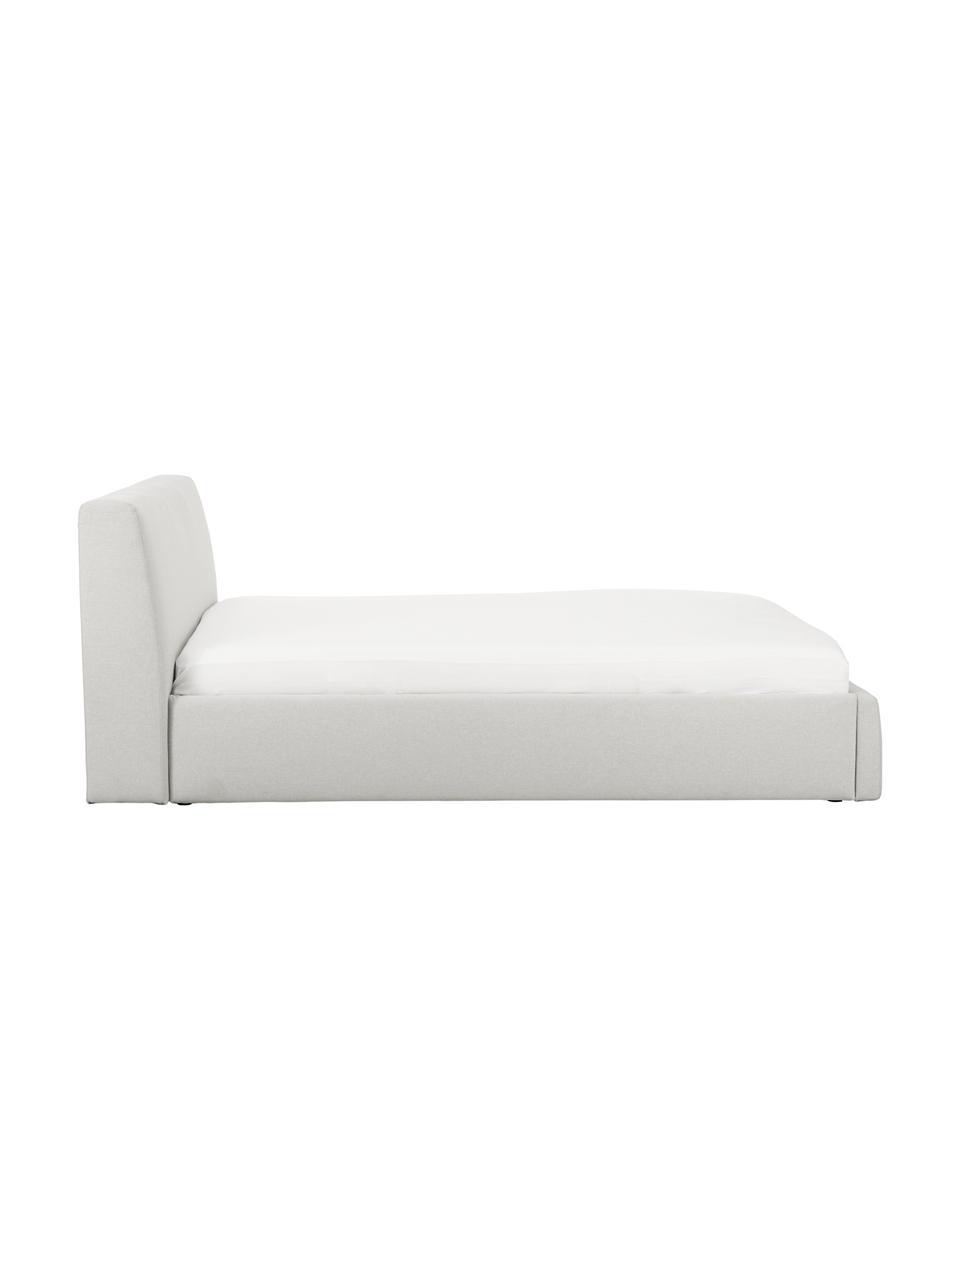 Łóżko tapicerowane Cloud, Korpus: lite drewno sosnowe, mate, Tapicerka: tkanina o drobnej struktu, Jasny szary, S 180 x D 200 cm